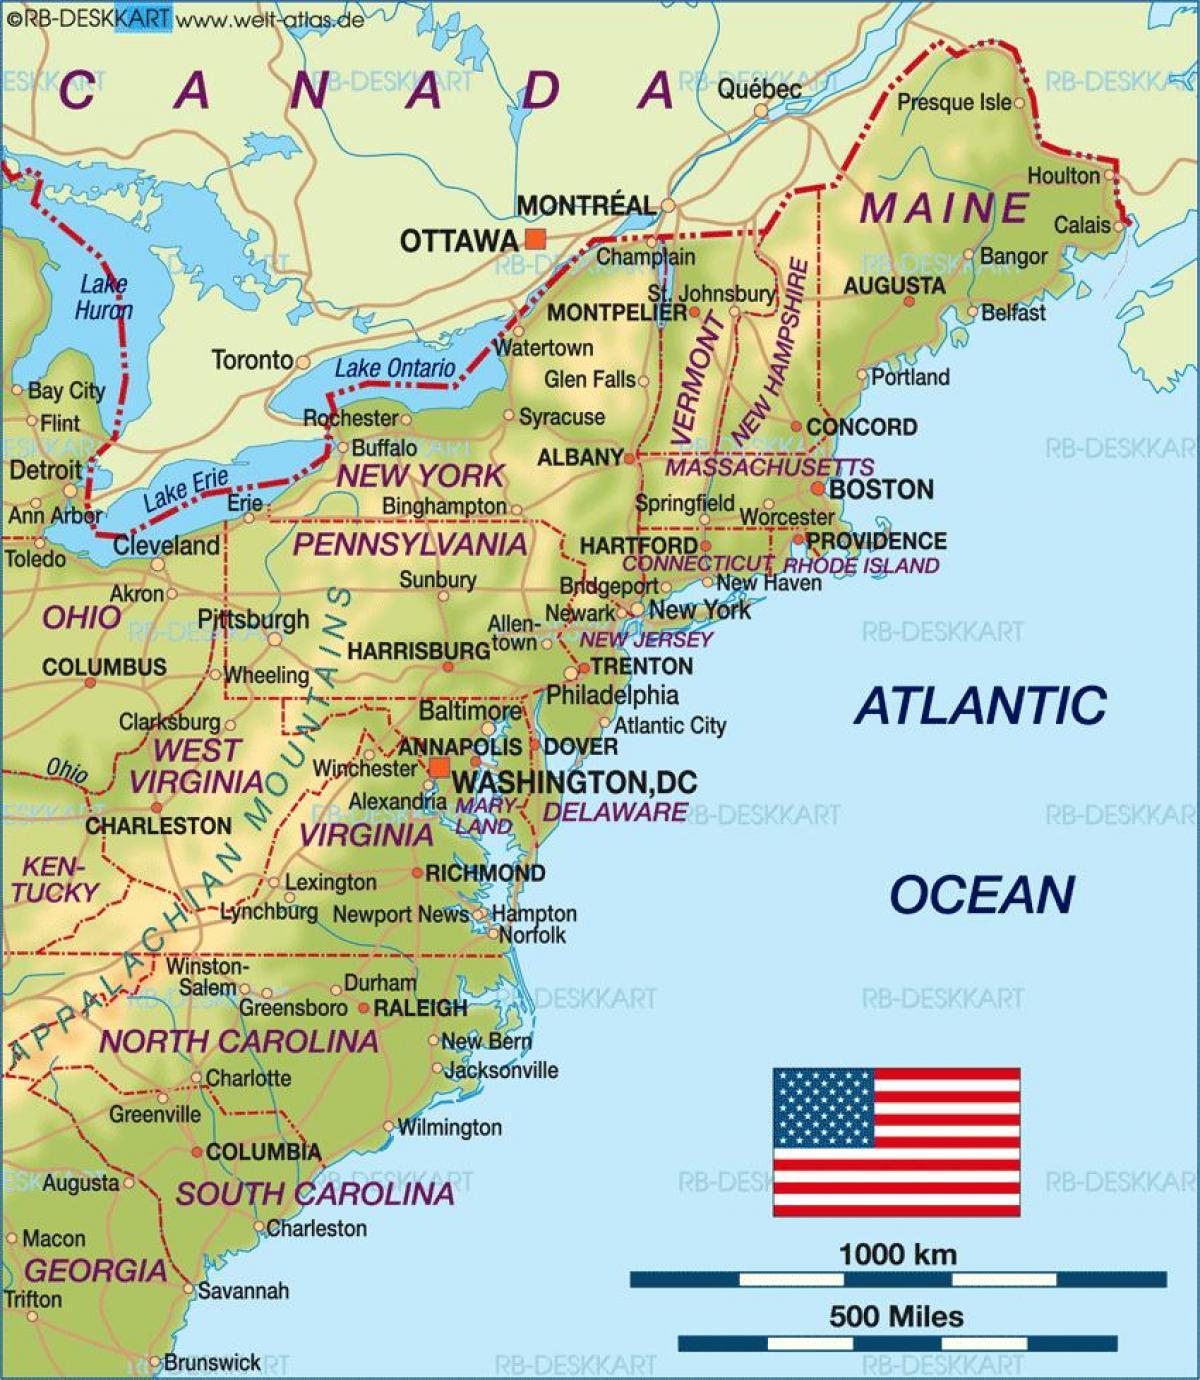 Pa Den Amerikanske Ostkyst Kort Kort Over Ost Kysten Af Usa